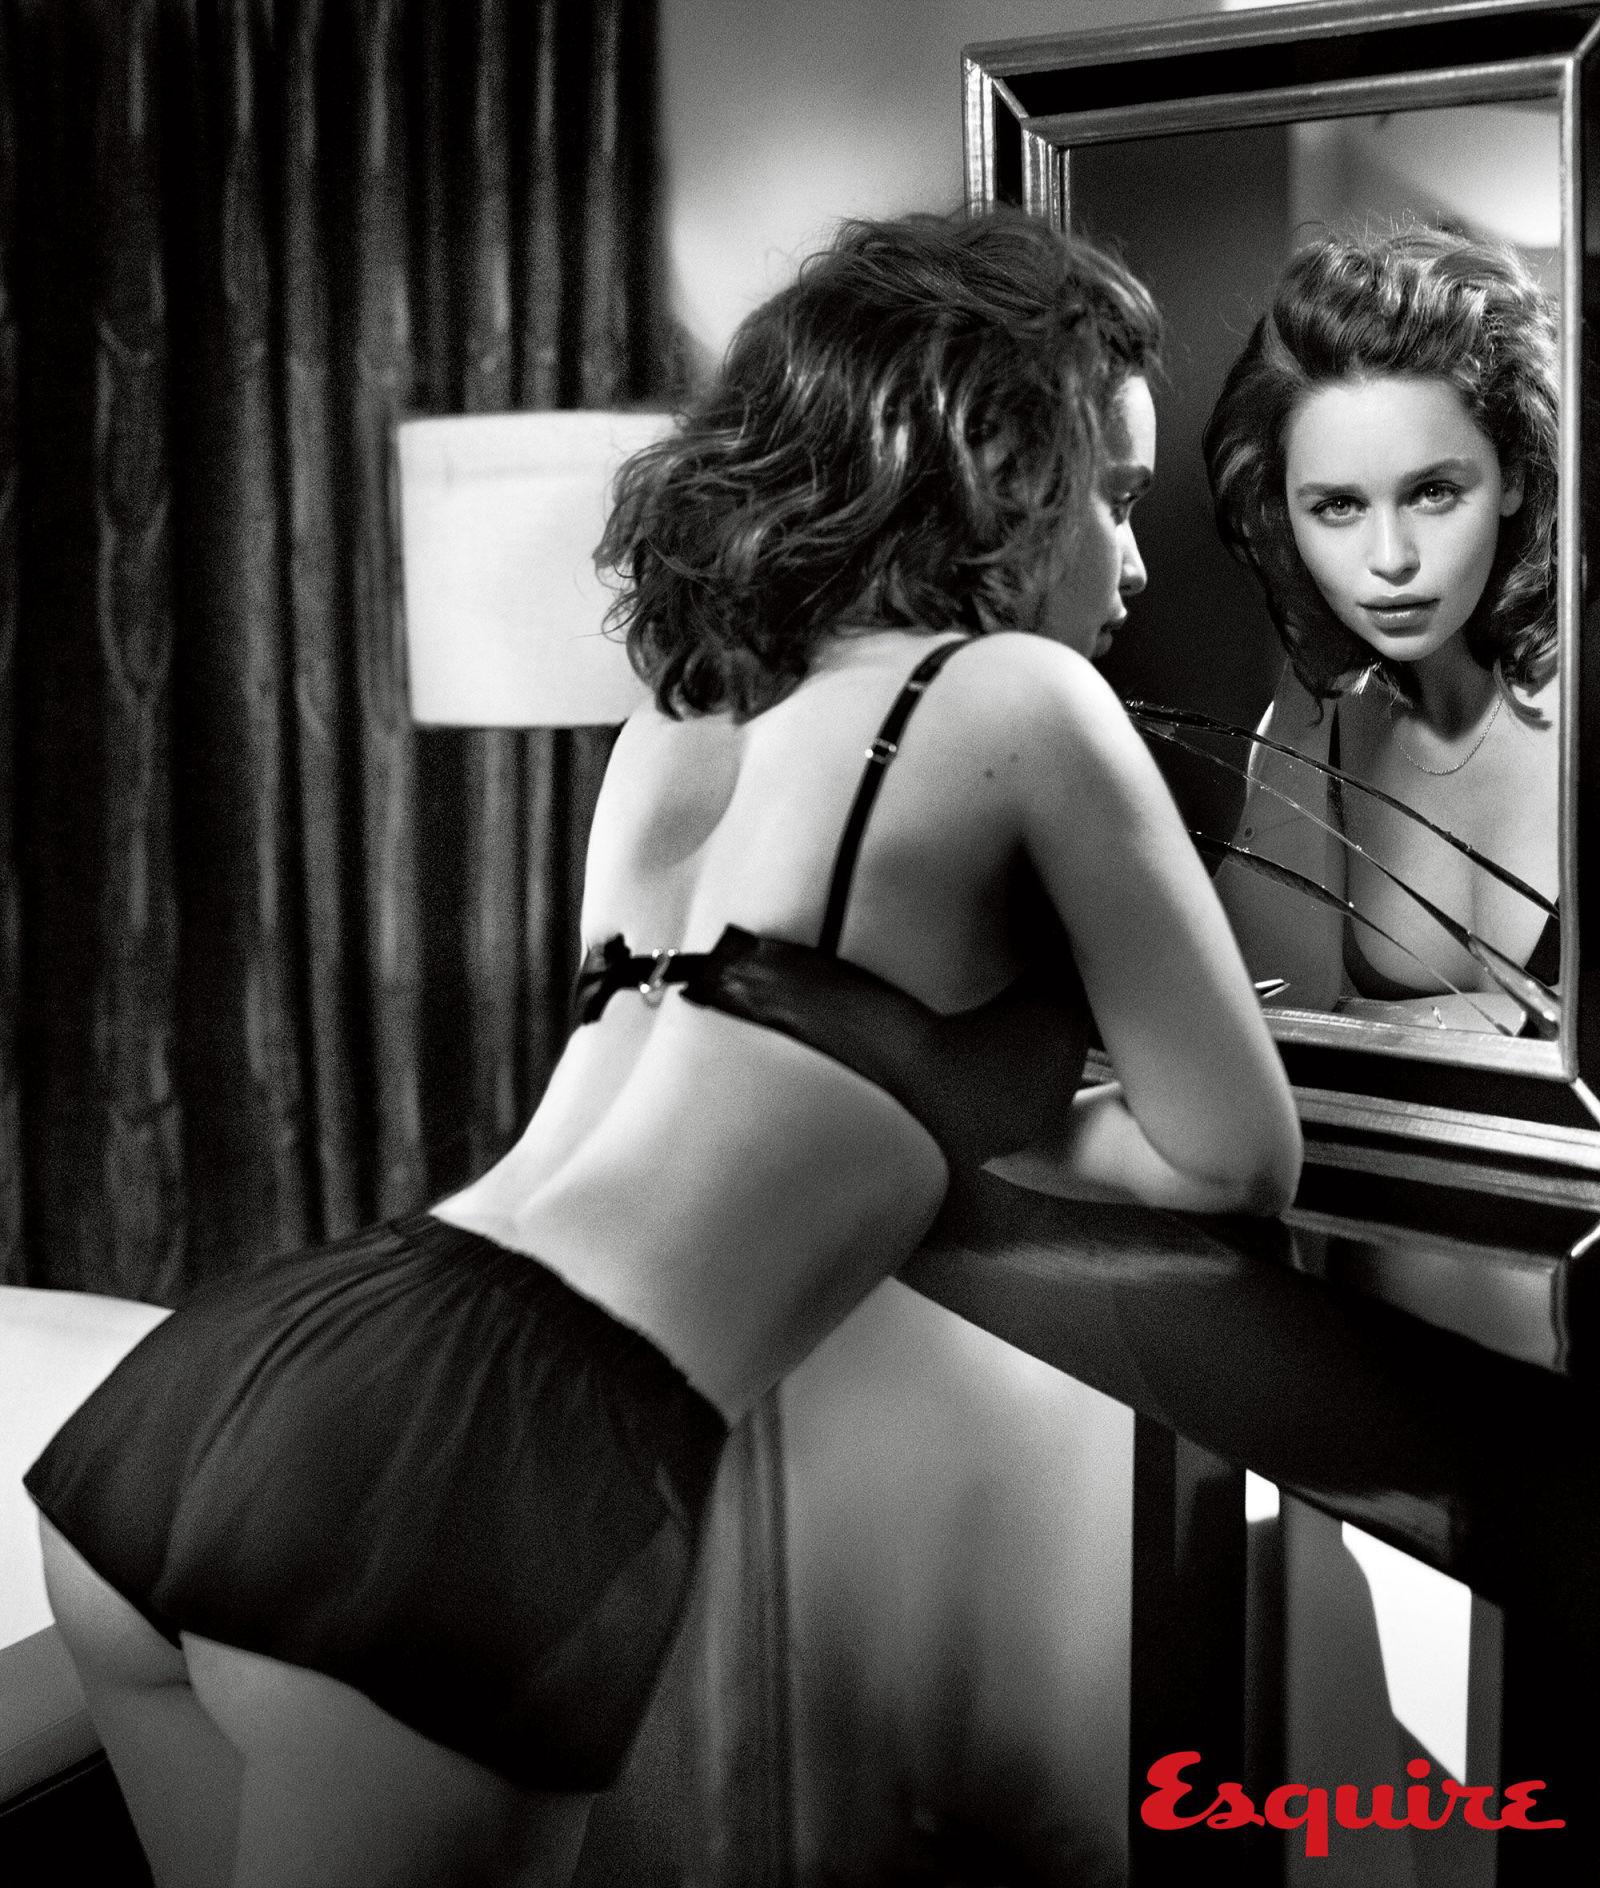 Dracarys Las Nuevas Fotos Desnuda De Khaleesi Están Que Arden